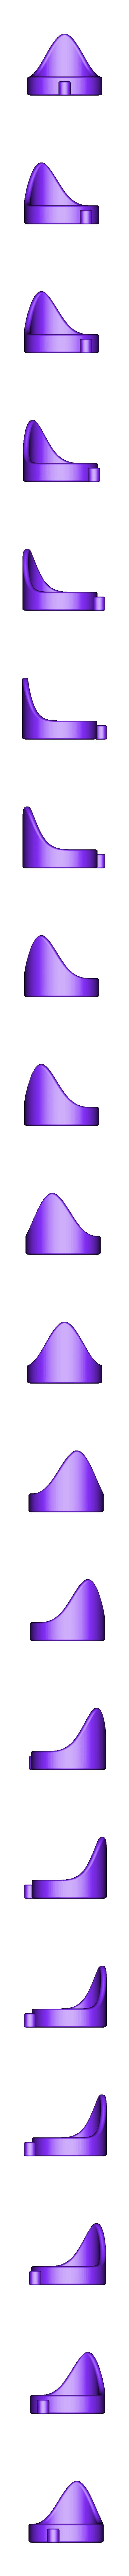 finger5.stl Télécharger fichier STL gratuit Kara Kesh (arme de poing goa'uld) • Plan pour imprimante 3D, poblocki1982